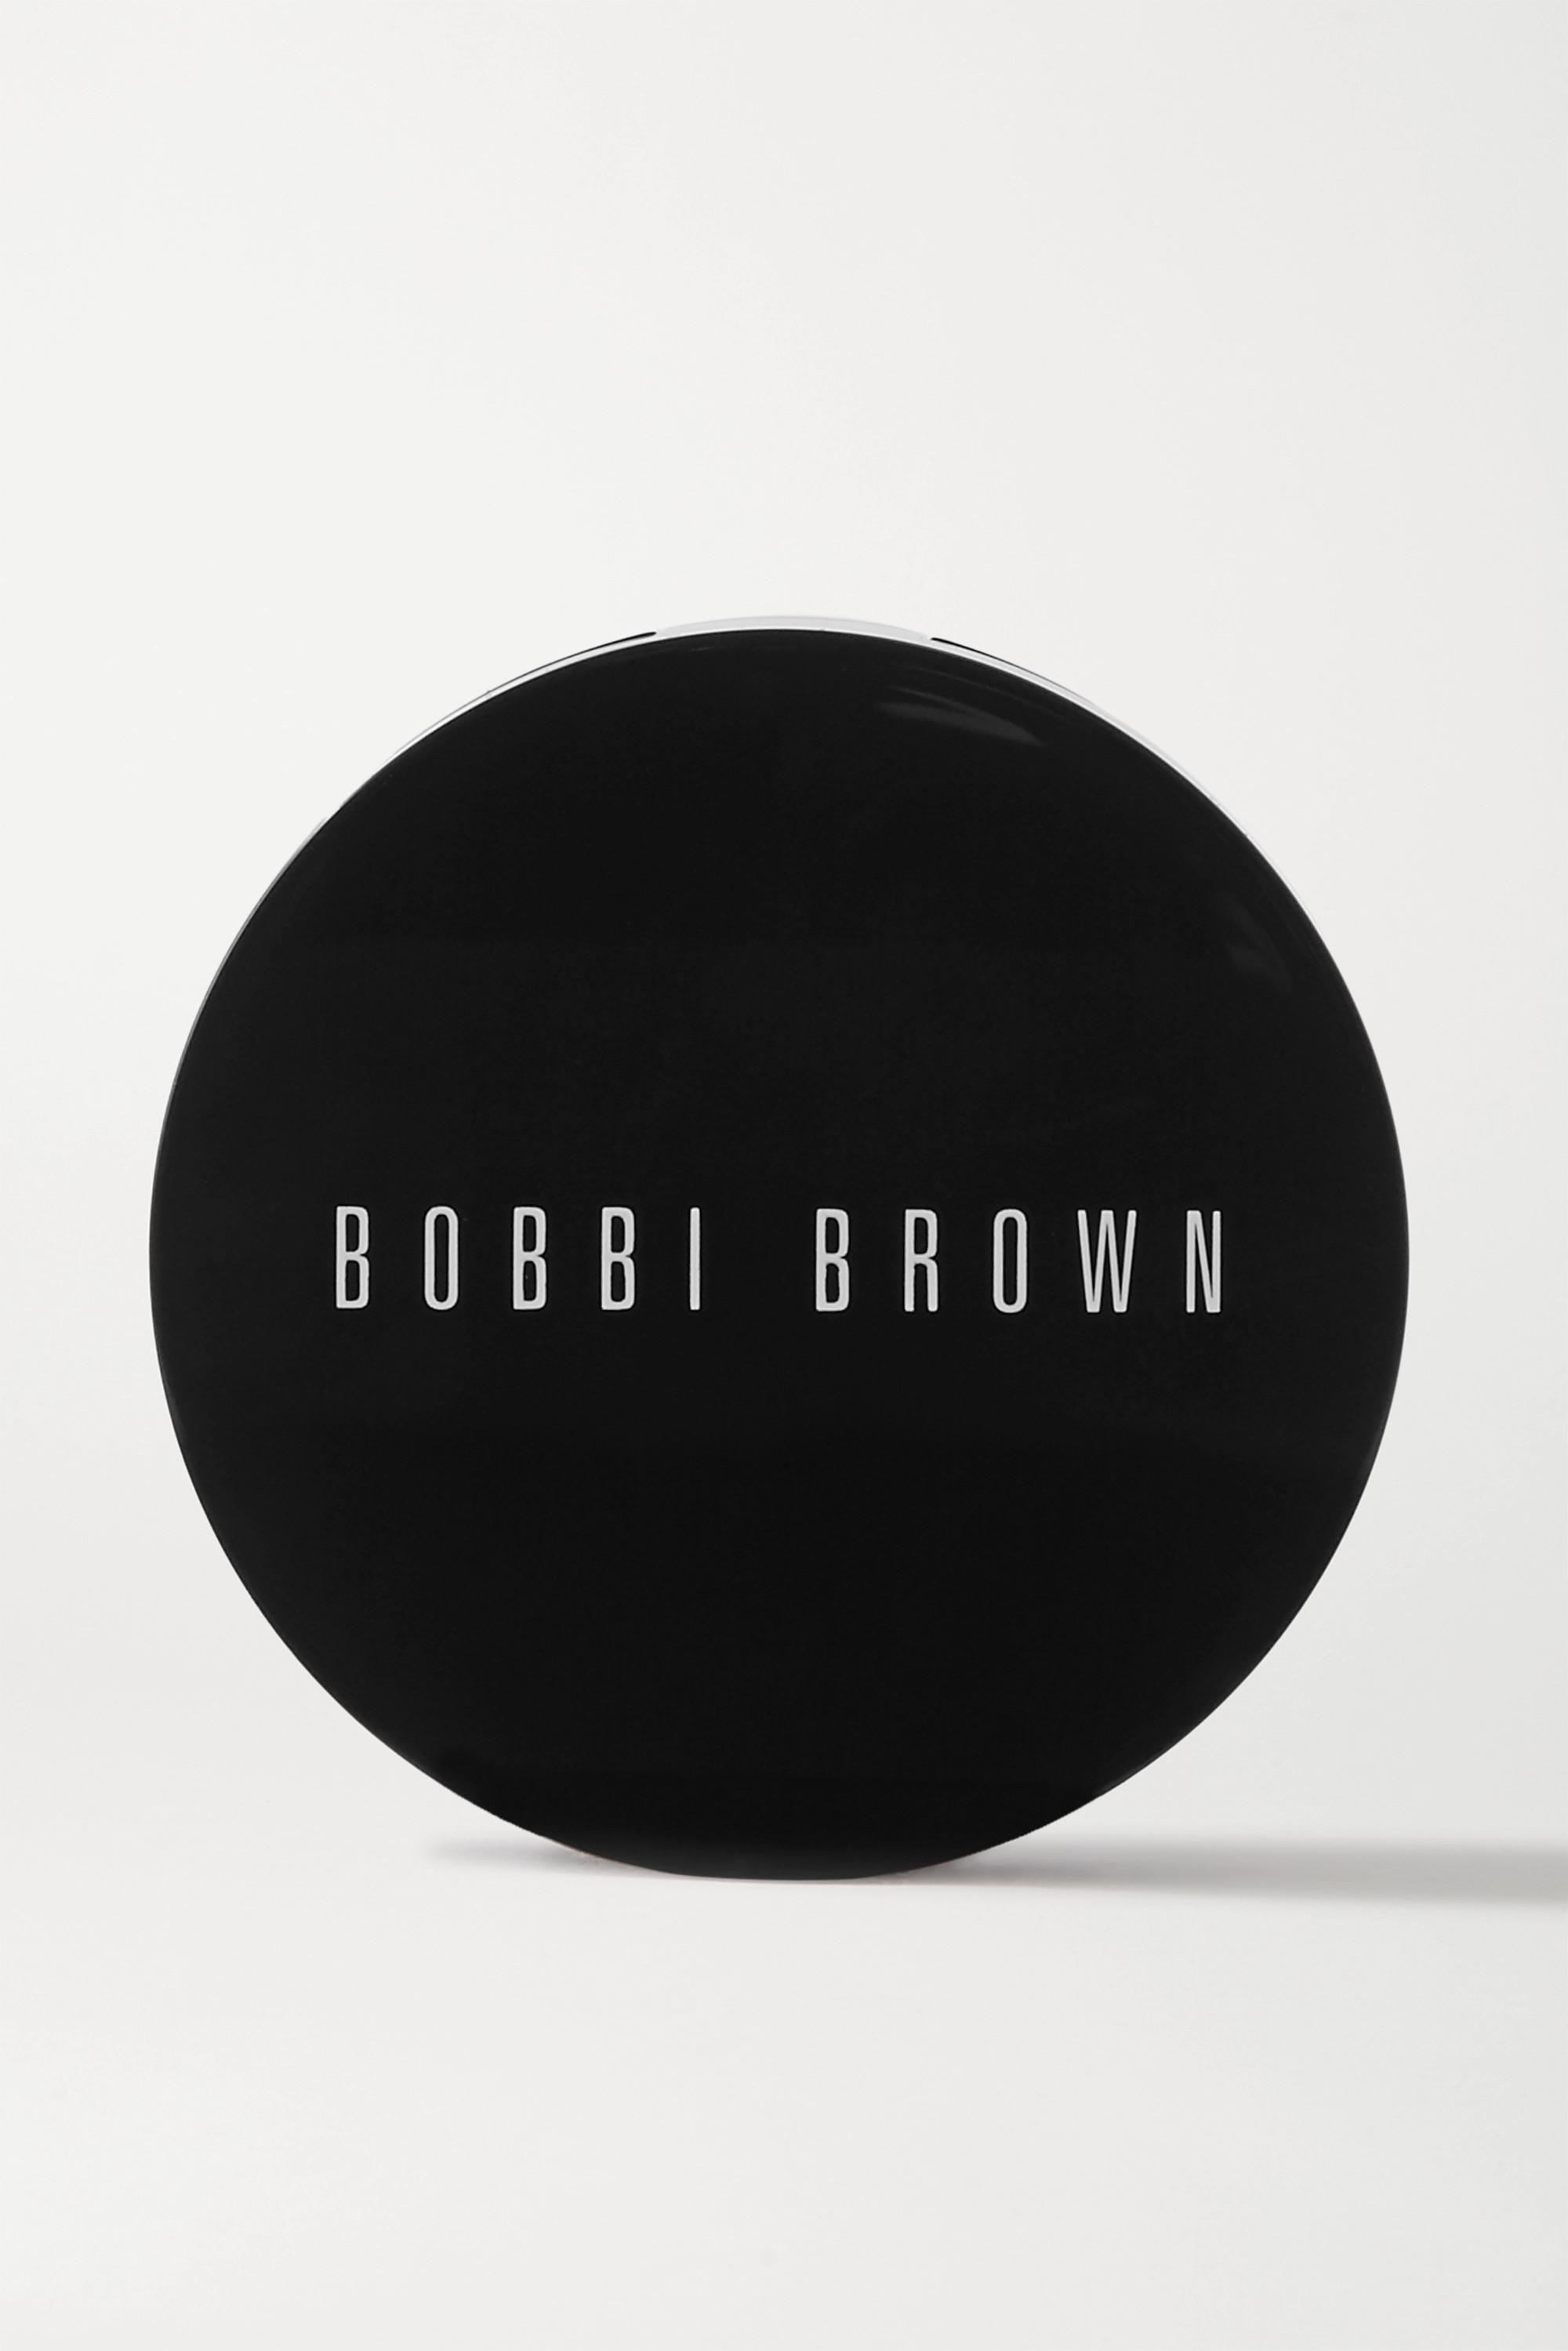 Bobbi Brown Illuminating Bronzing Powder - Santa Barbara